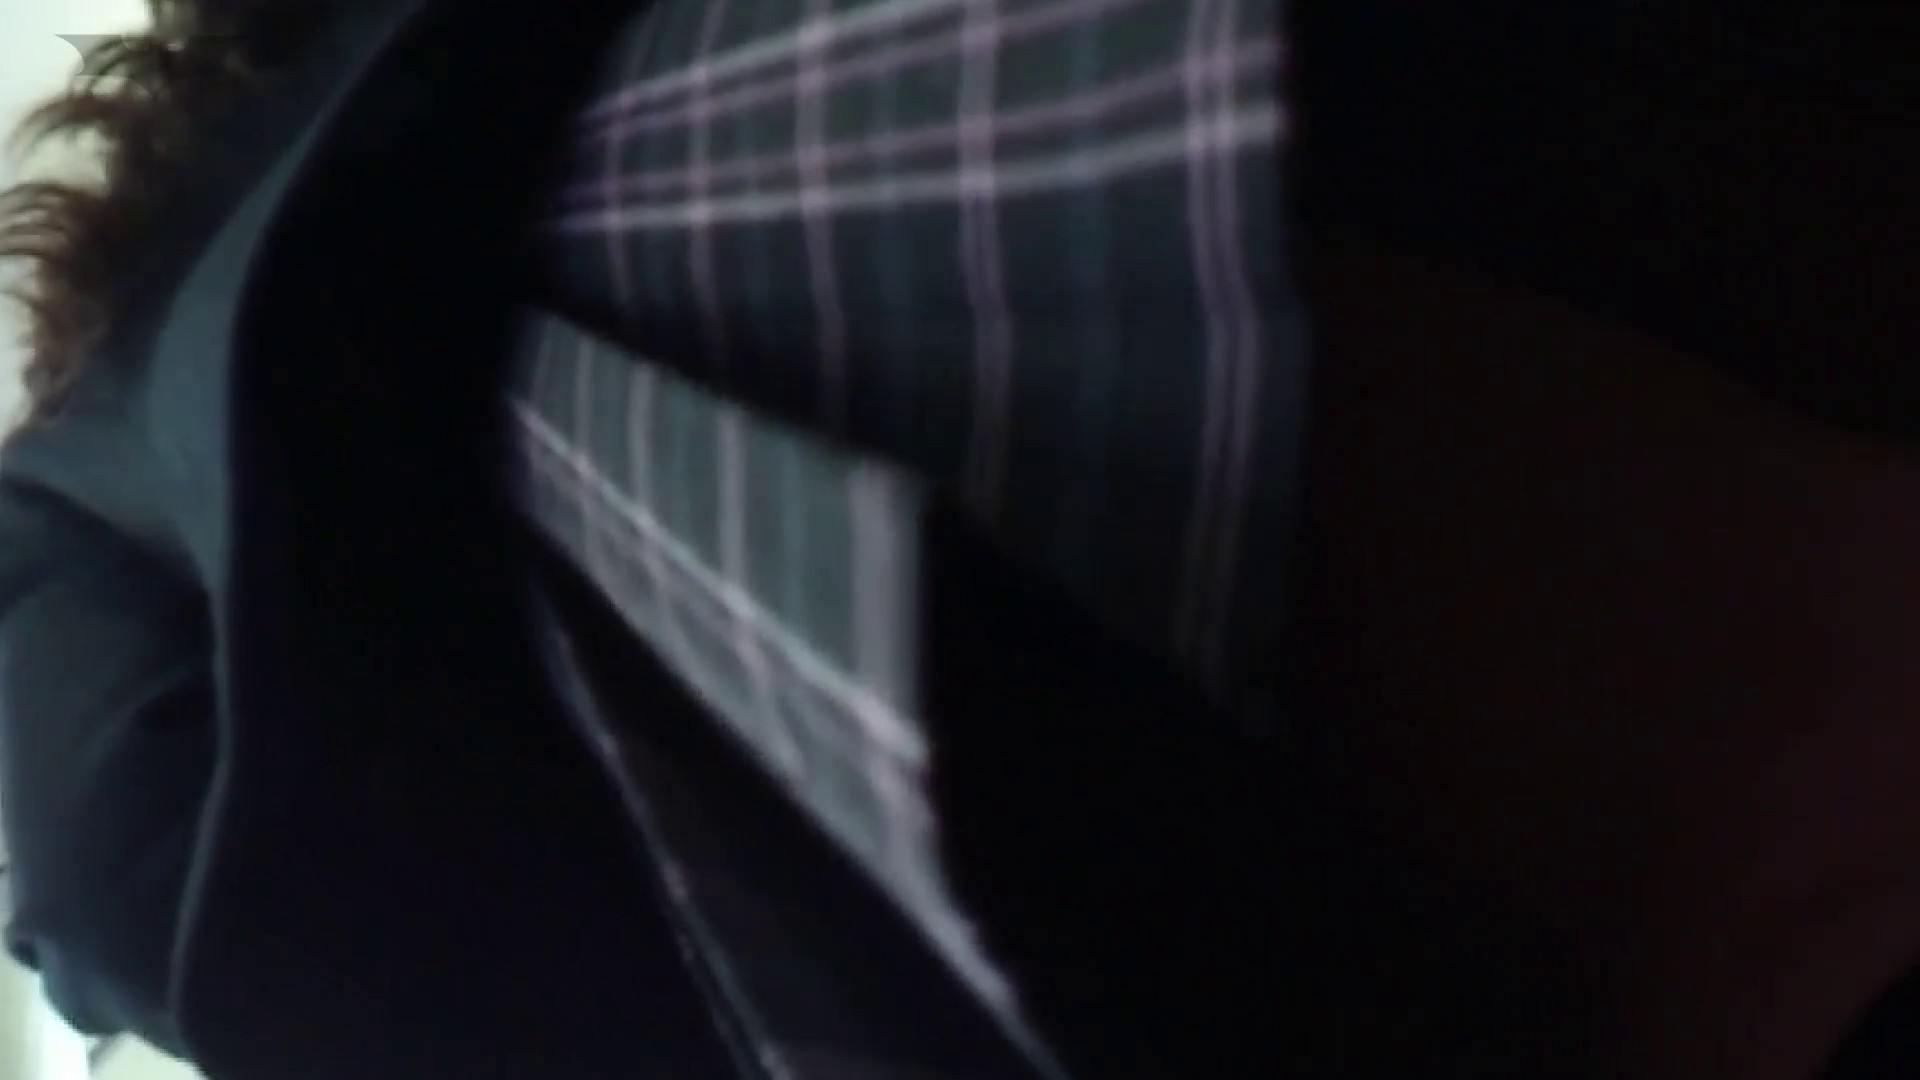 盗撮列車 Vol.14 お嬢様のバックプリントパンツ 盗撮編 セックス無修正動画無料 99枚 82